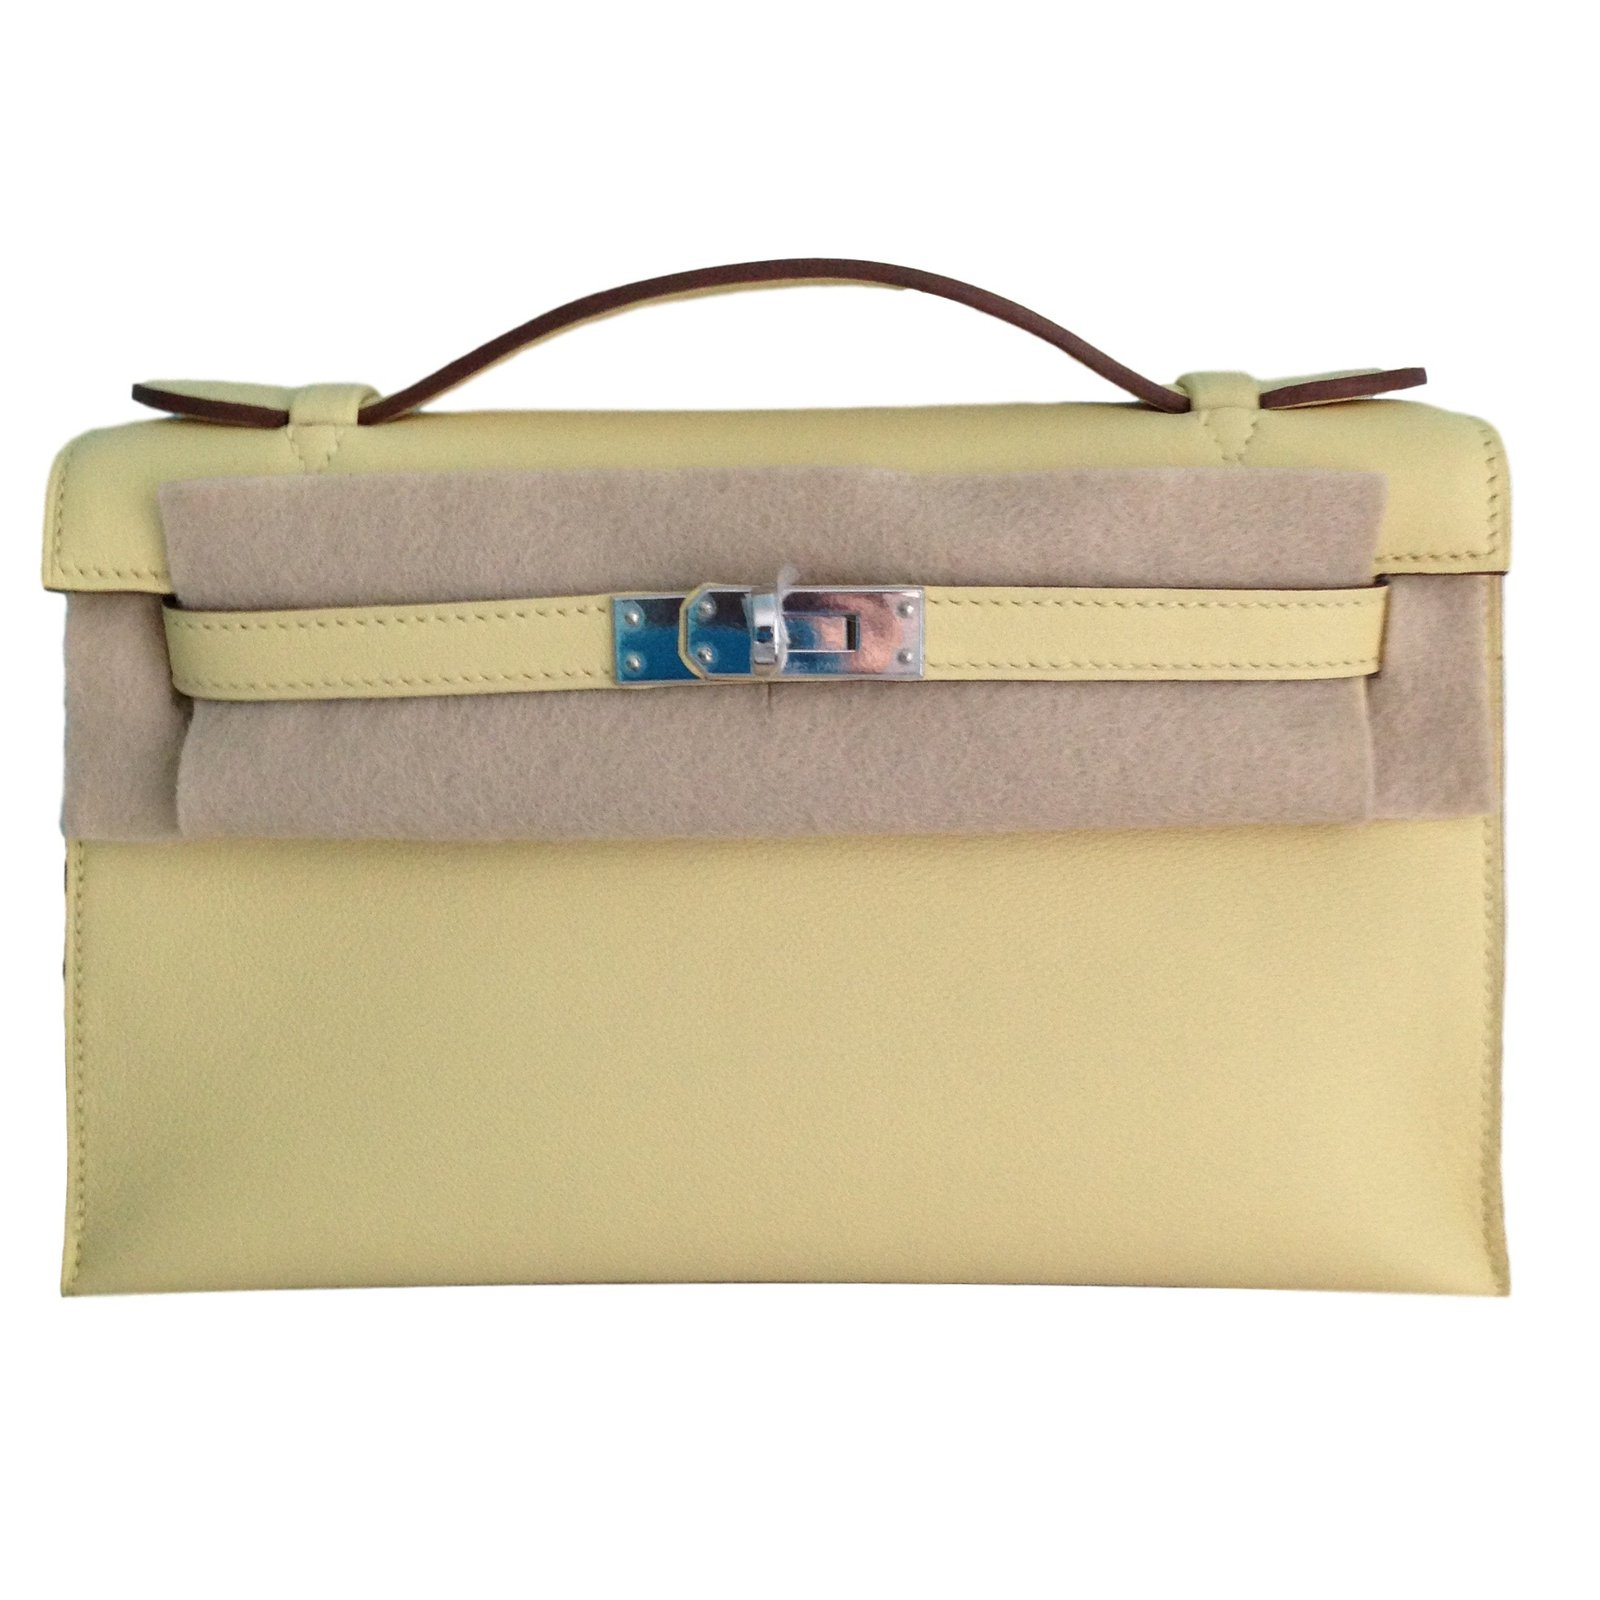 9e004caf6162 italy pochettes hermès kelly mini 22 cuir jaune ref.19813 2ac47 38c5a